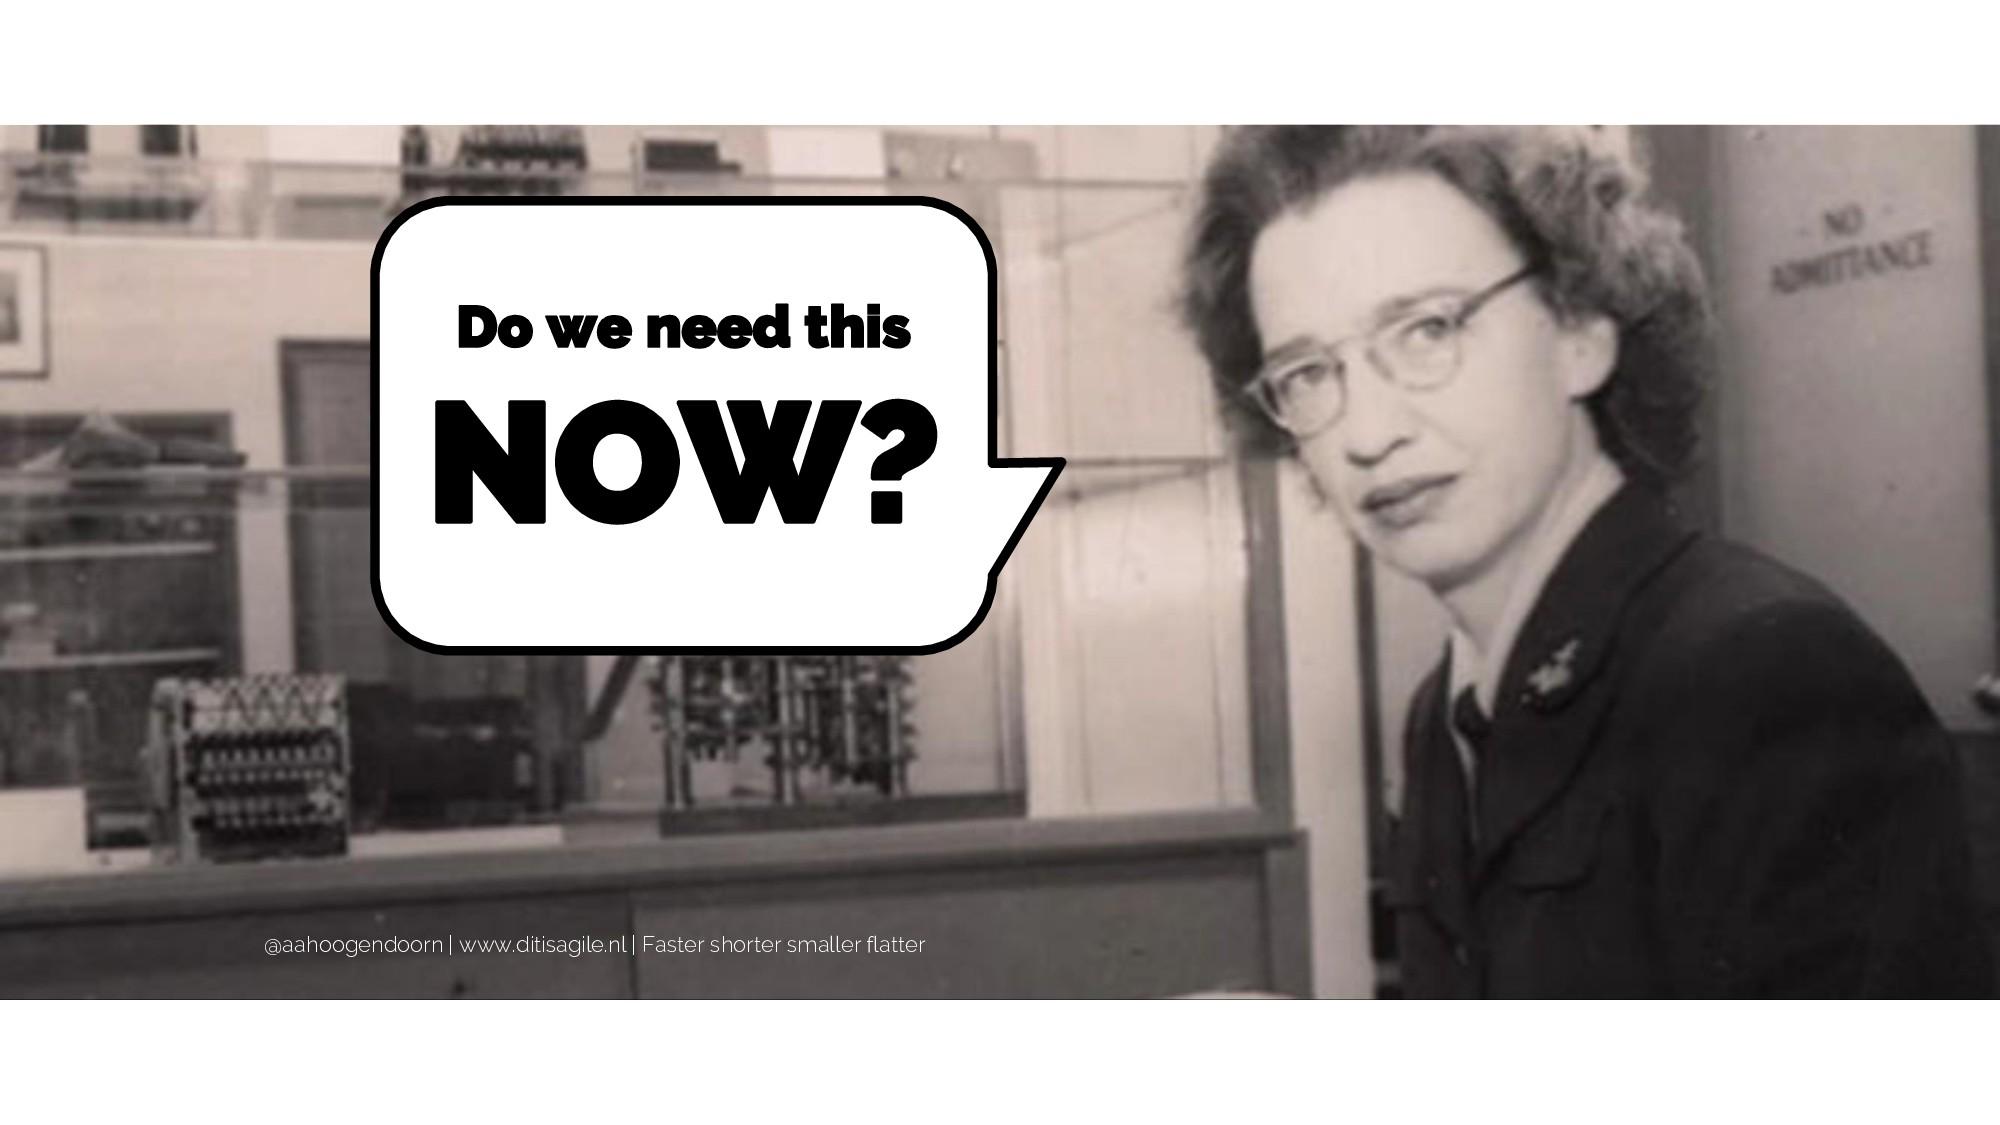 Do we need this NOW? @aahoogendoorn | www.ditis...